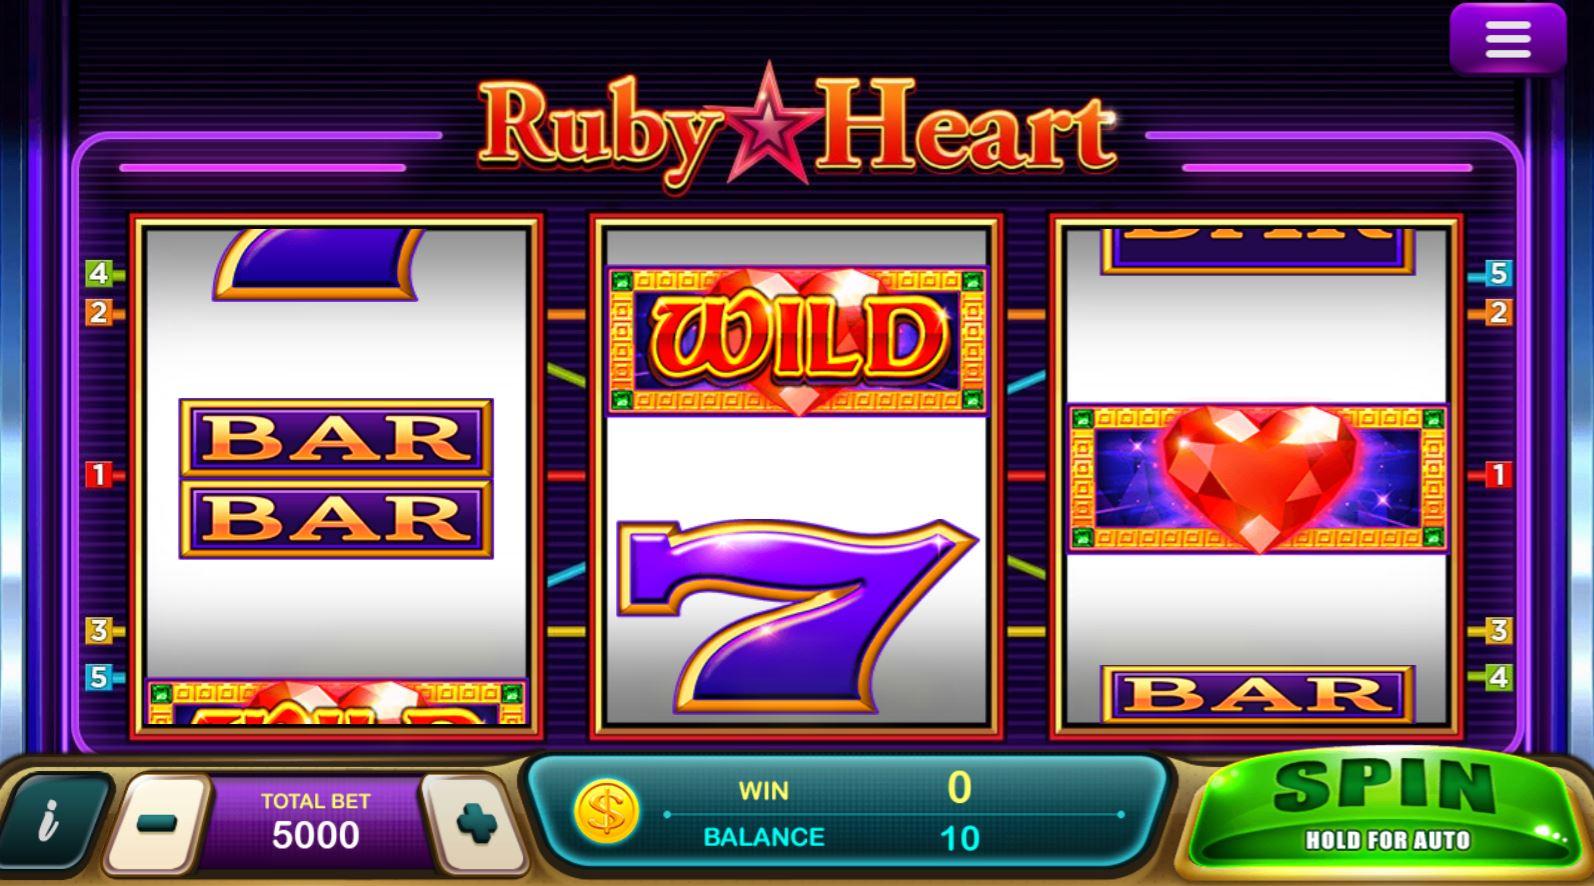 Epicwin-RUBY HEART-ทางเข้า